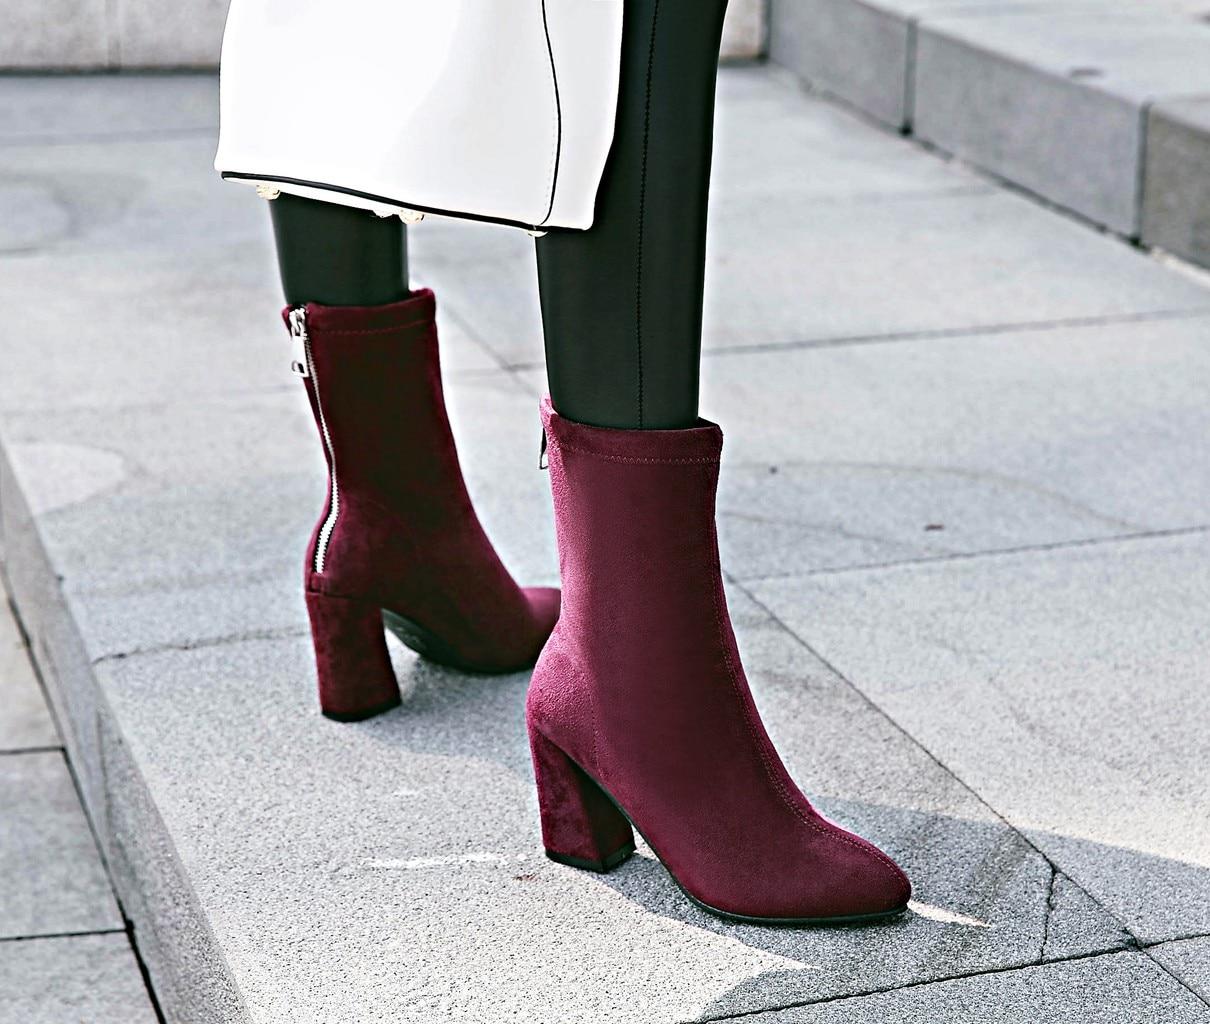 Pie Tacones Punta Invierno Mujeres Otoño Cuadrados Zapatos 2019 Del Tamaño  marrón Esrfiyfe De 43 Negro azul Botines Soild 34 rojo Dedo Nuevo Las  Cremallera ... 3ef347836f86